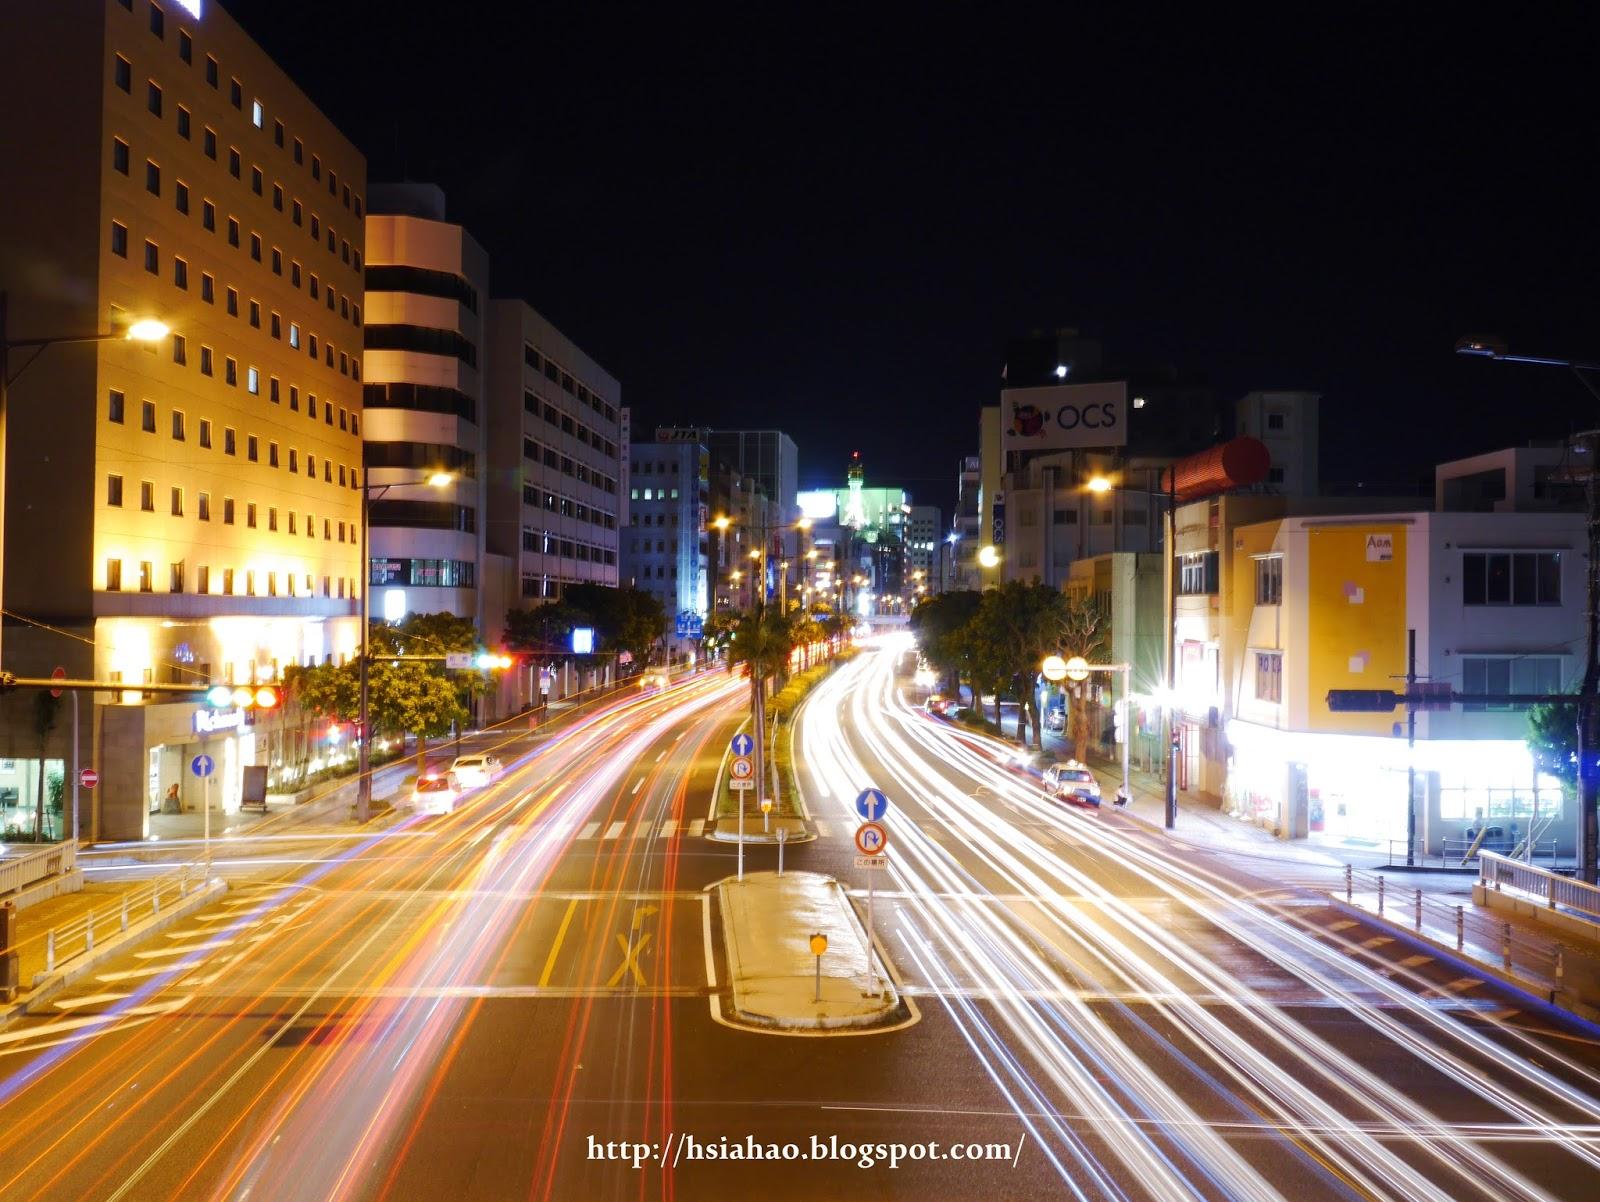 沖繩-國際通-夜景-商店-街景-國際通購物-國際通逛街-國際通景點-自由行-Okinawa-kokusaidori